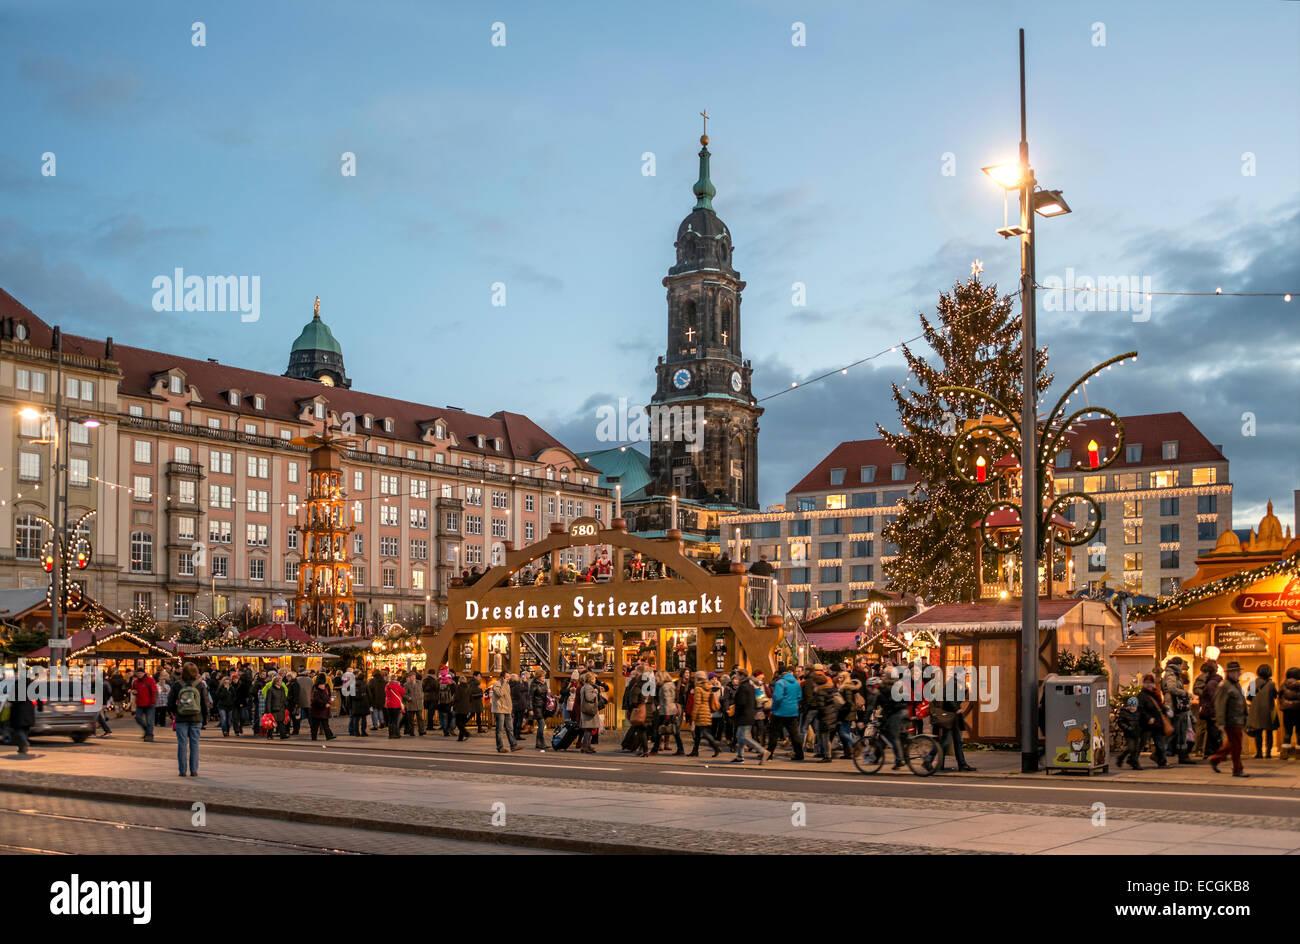 Christmas Striezel market in Dresden, Saxony, Germany. | Dresdner (Striezelmarkt) Weihnachtsmarkt, Sachsen, Deutschland. - Stock Image